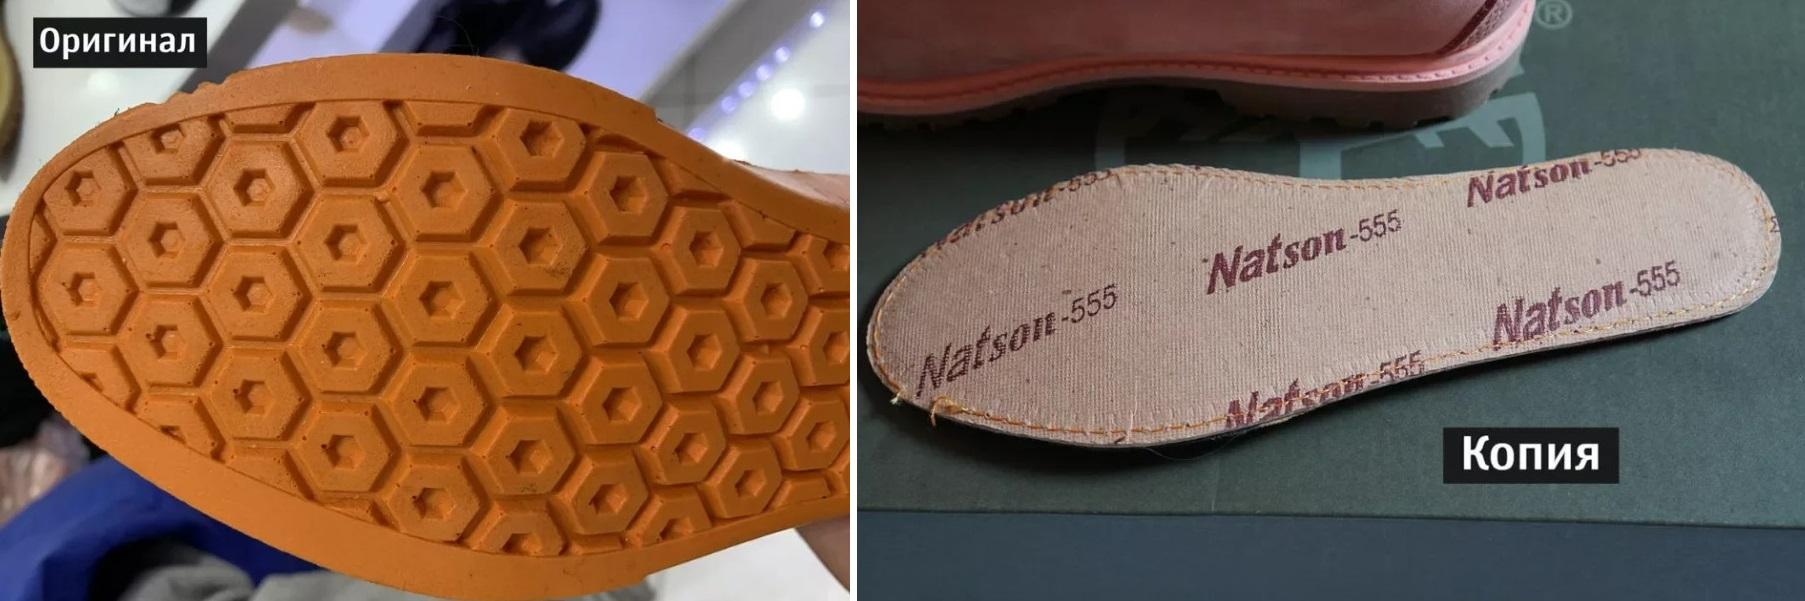 Стелька оригинальных ботинок Timberland и подделки